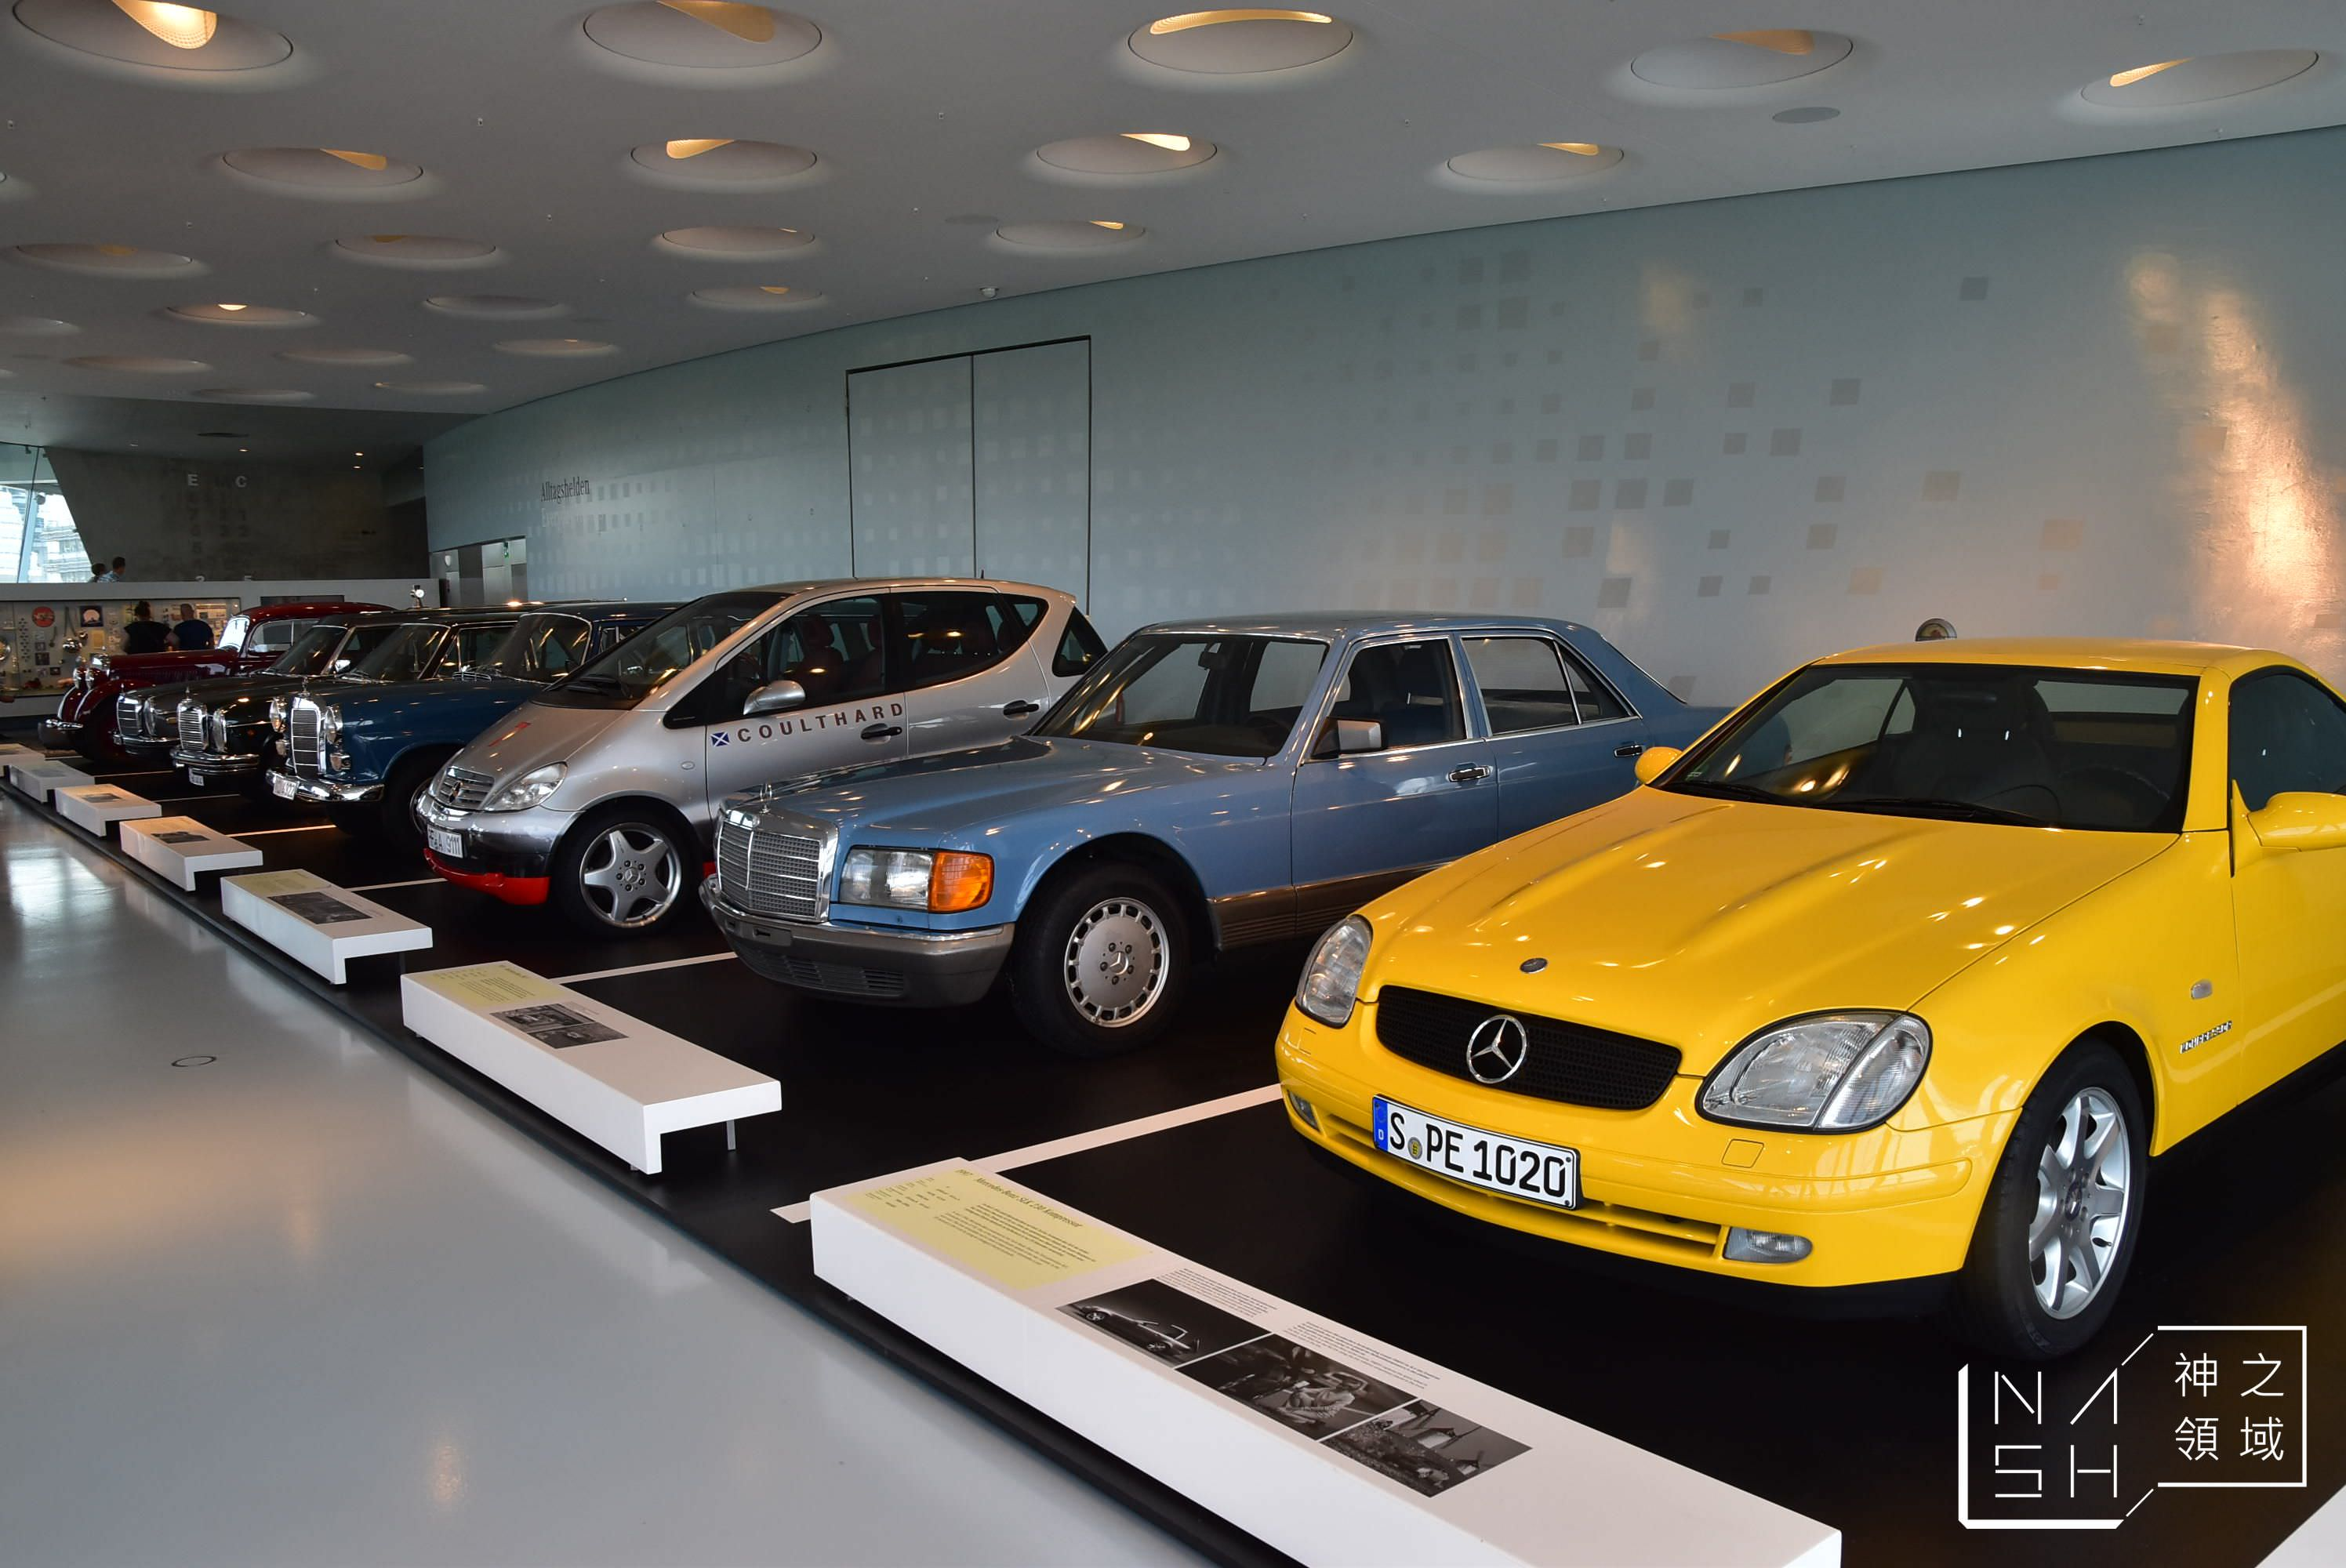 斯圖加特推薦,斯圖加特景點,斯圖加特賓士,賓士博物館,Mercedes Benz Meseum,賓士博物館交通